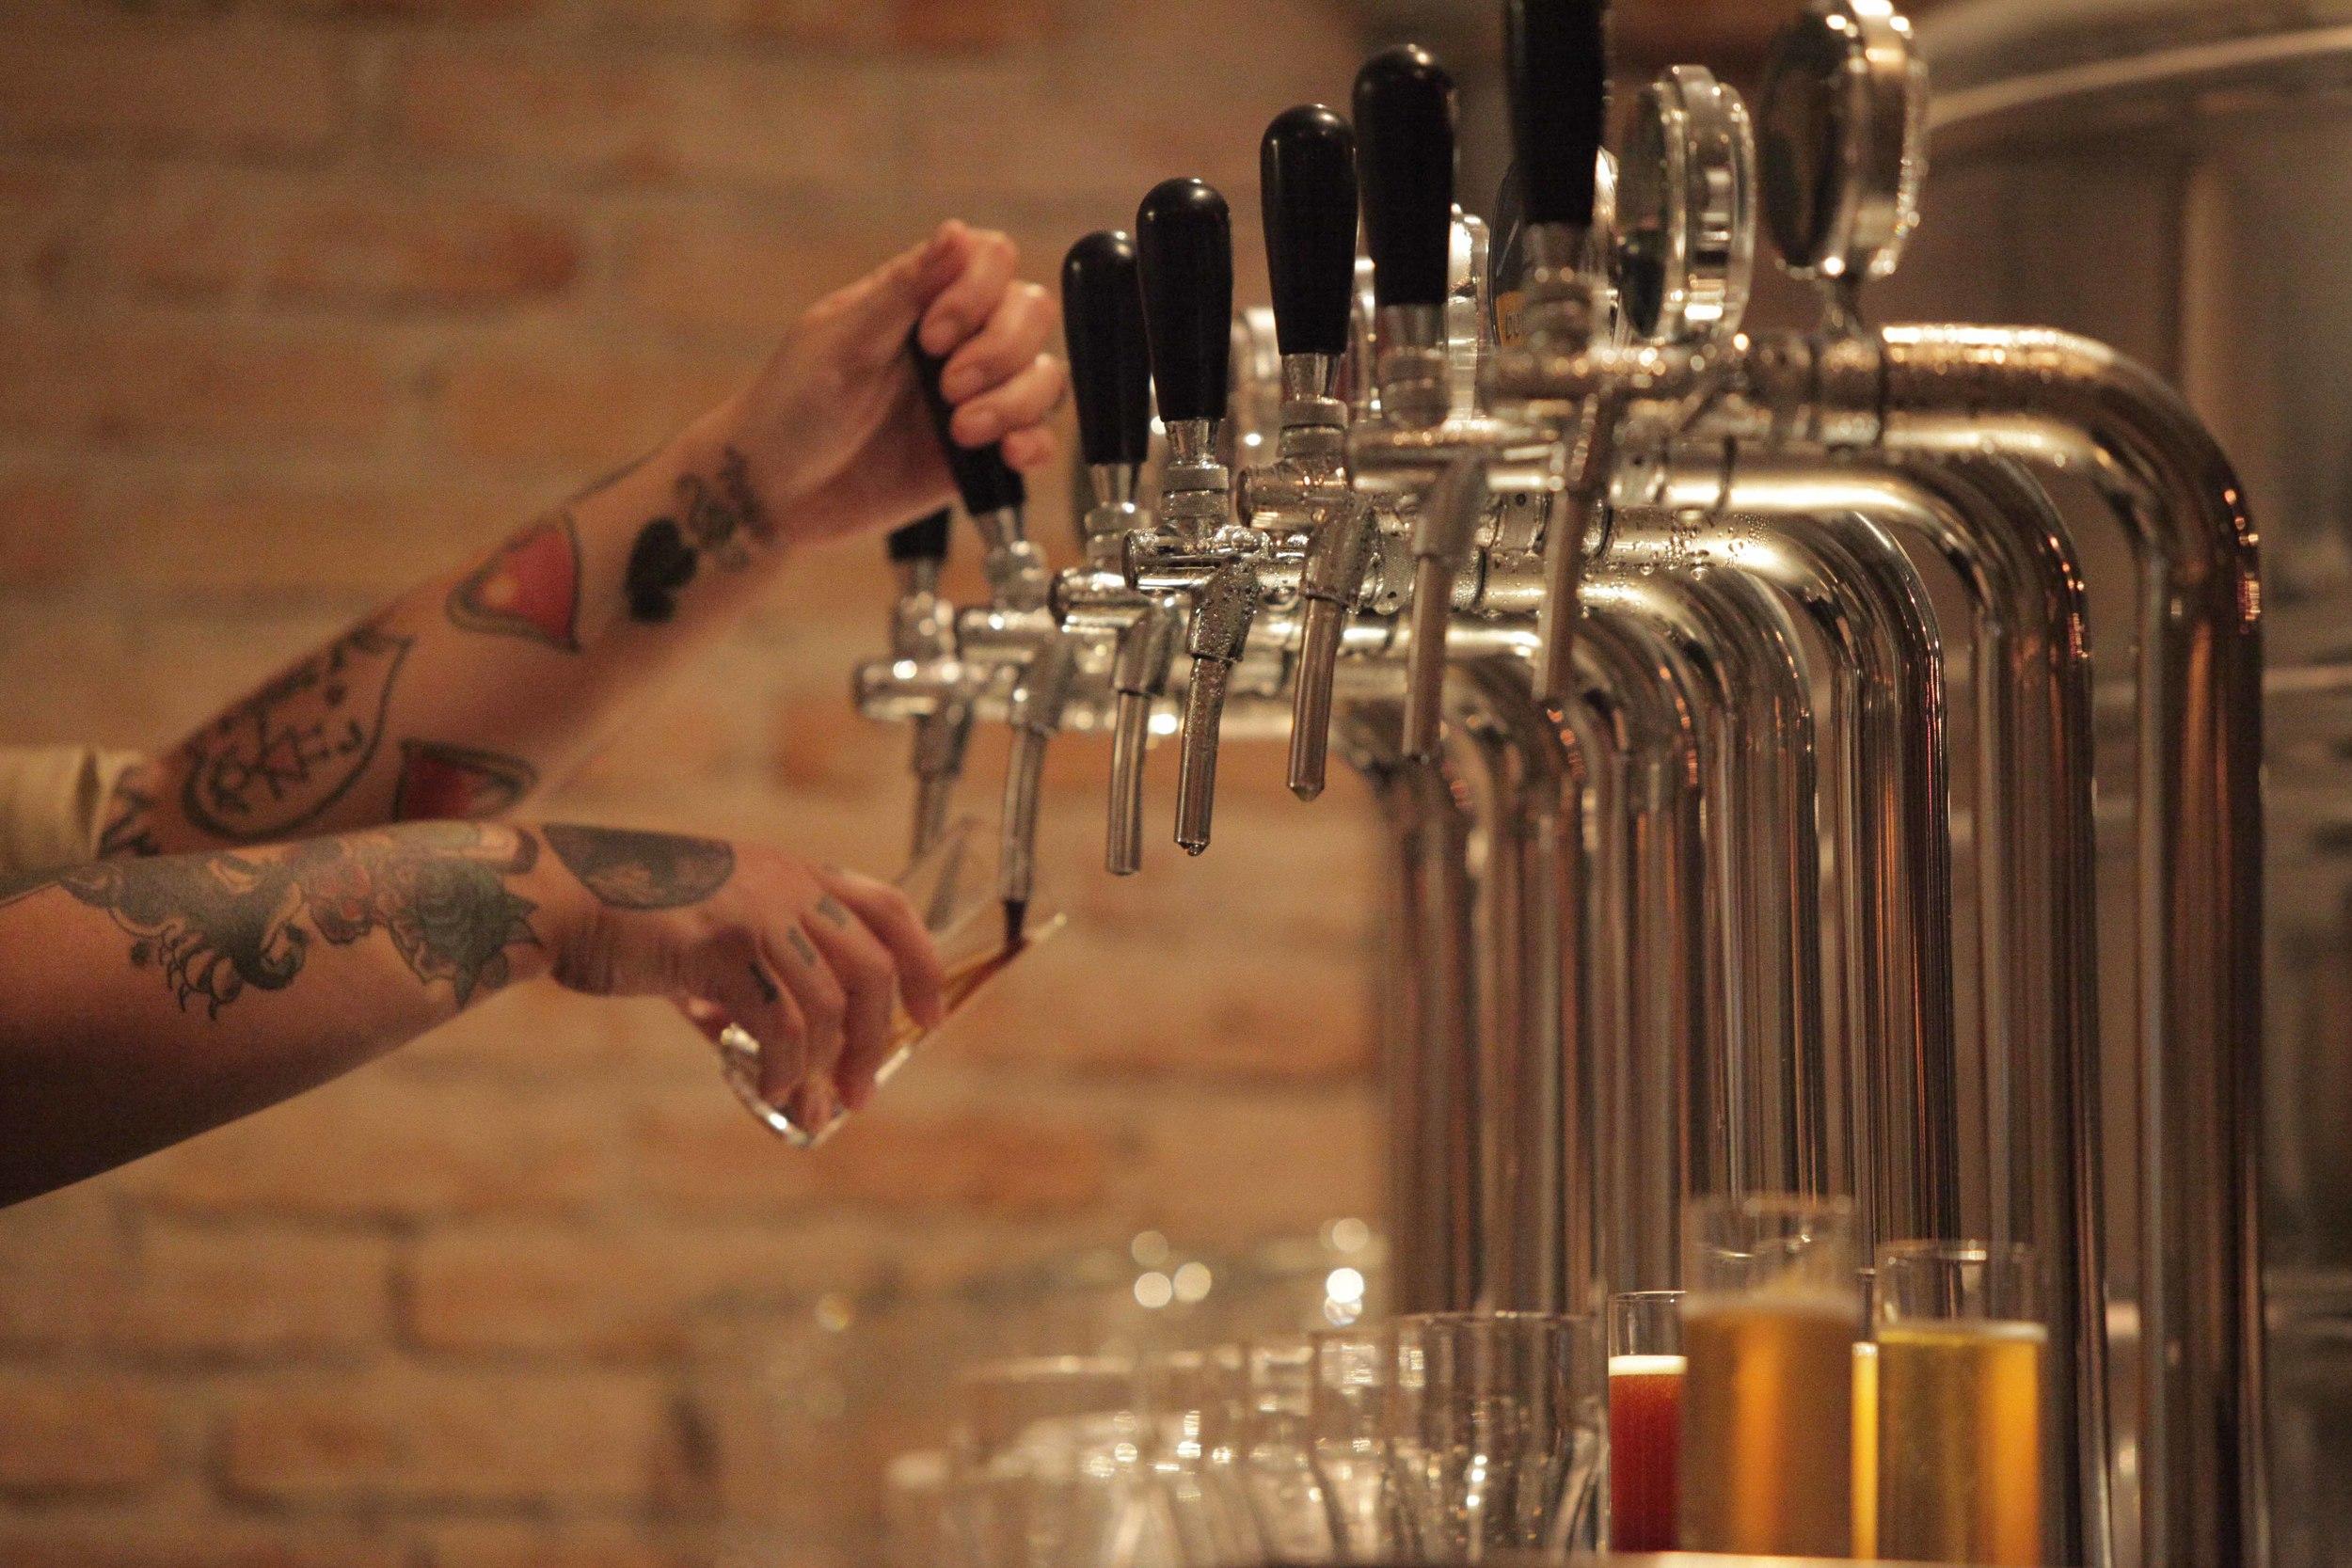 Além das trocas de cervejas caseiras, o brewpub recebe em suas torneiras 60 litros da IPA brasileira (Foto: Divulgação)